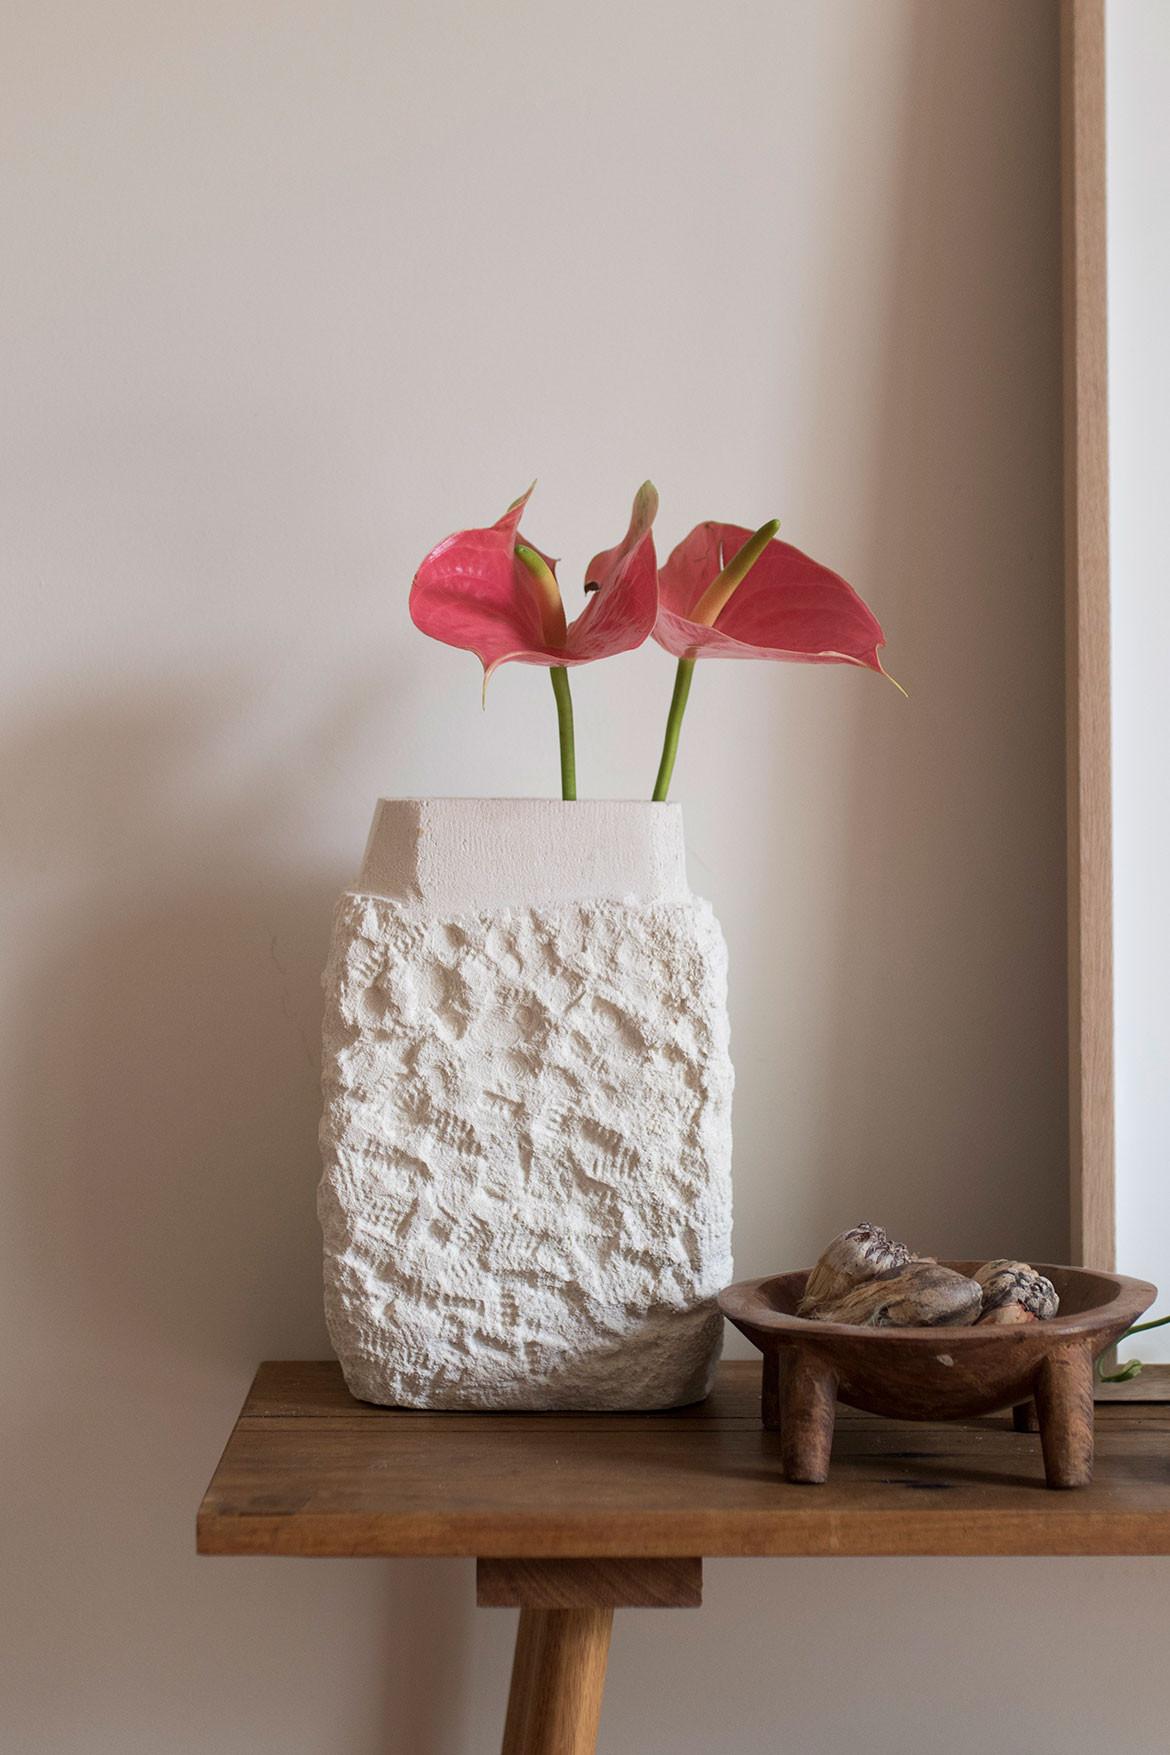 Den Holm Steven John Clark cc Benjamin Hosking vase